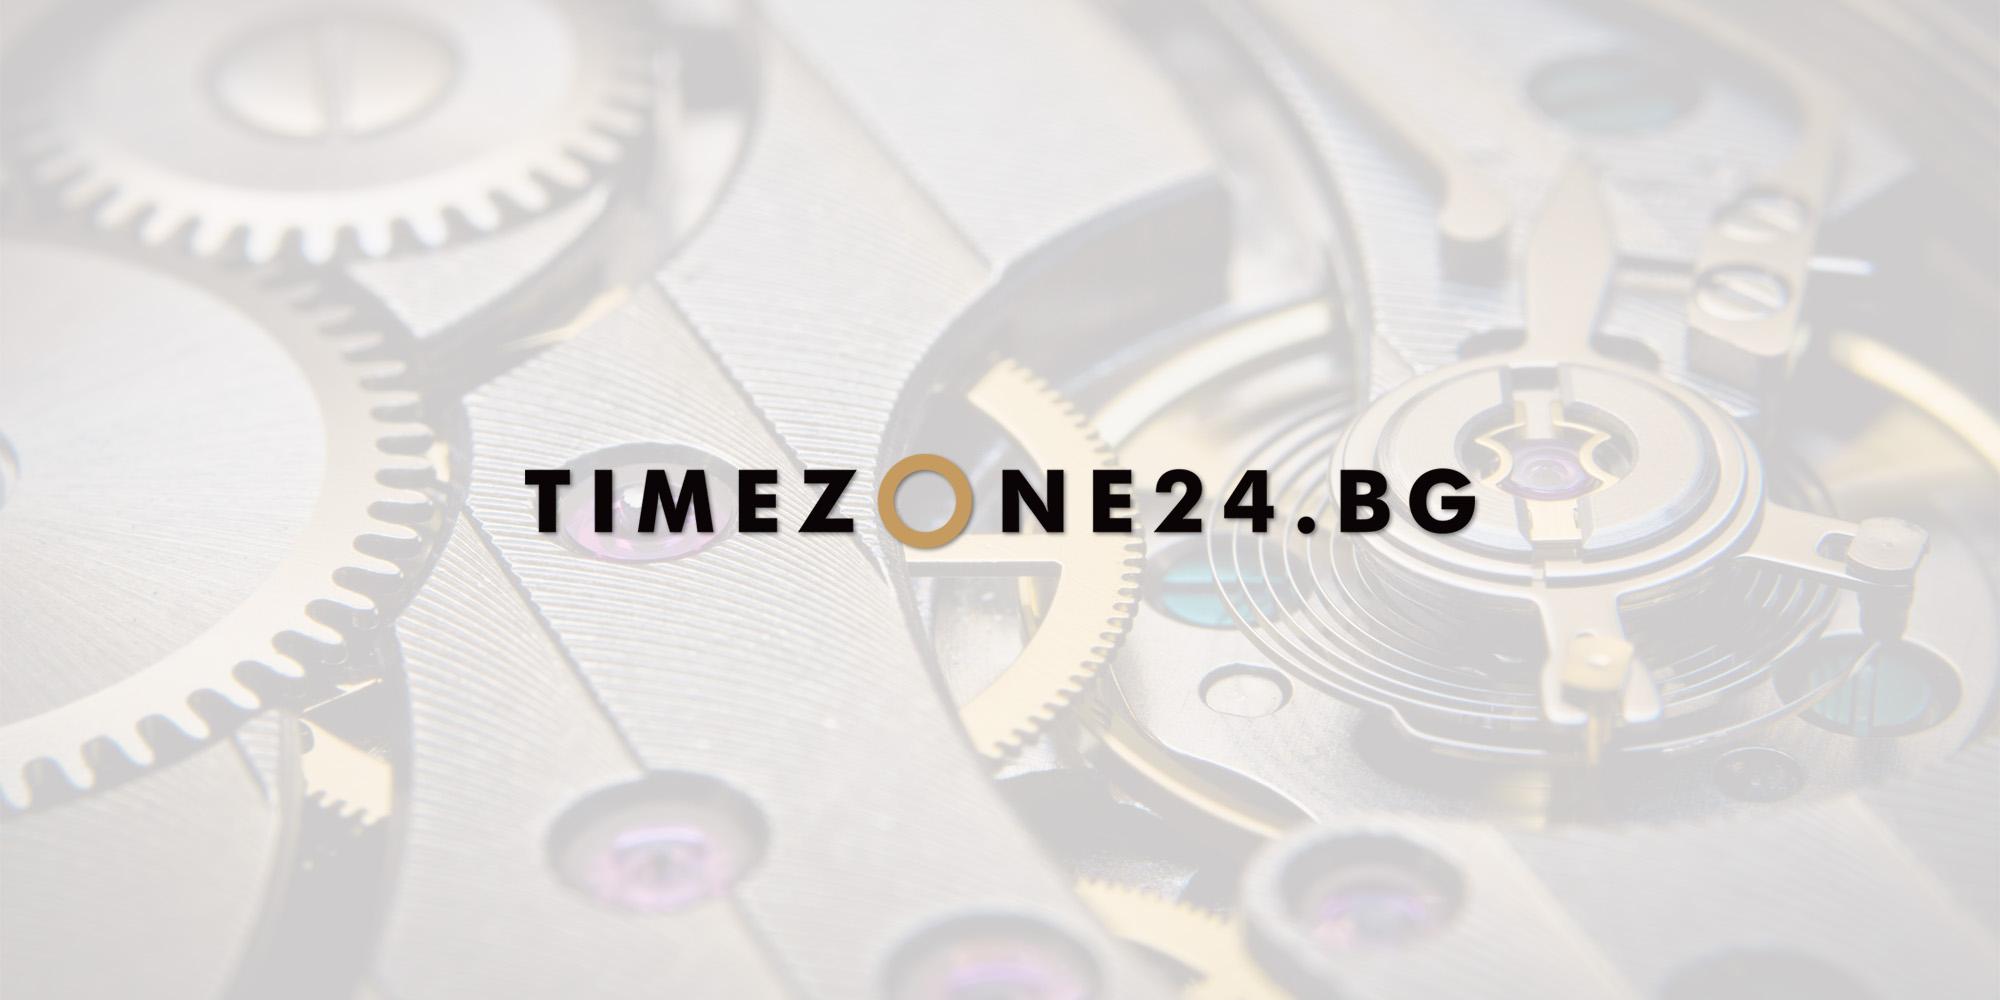 Timezone24bg-slaider